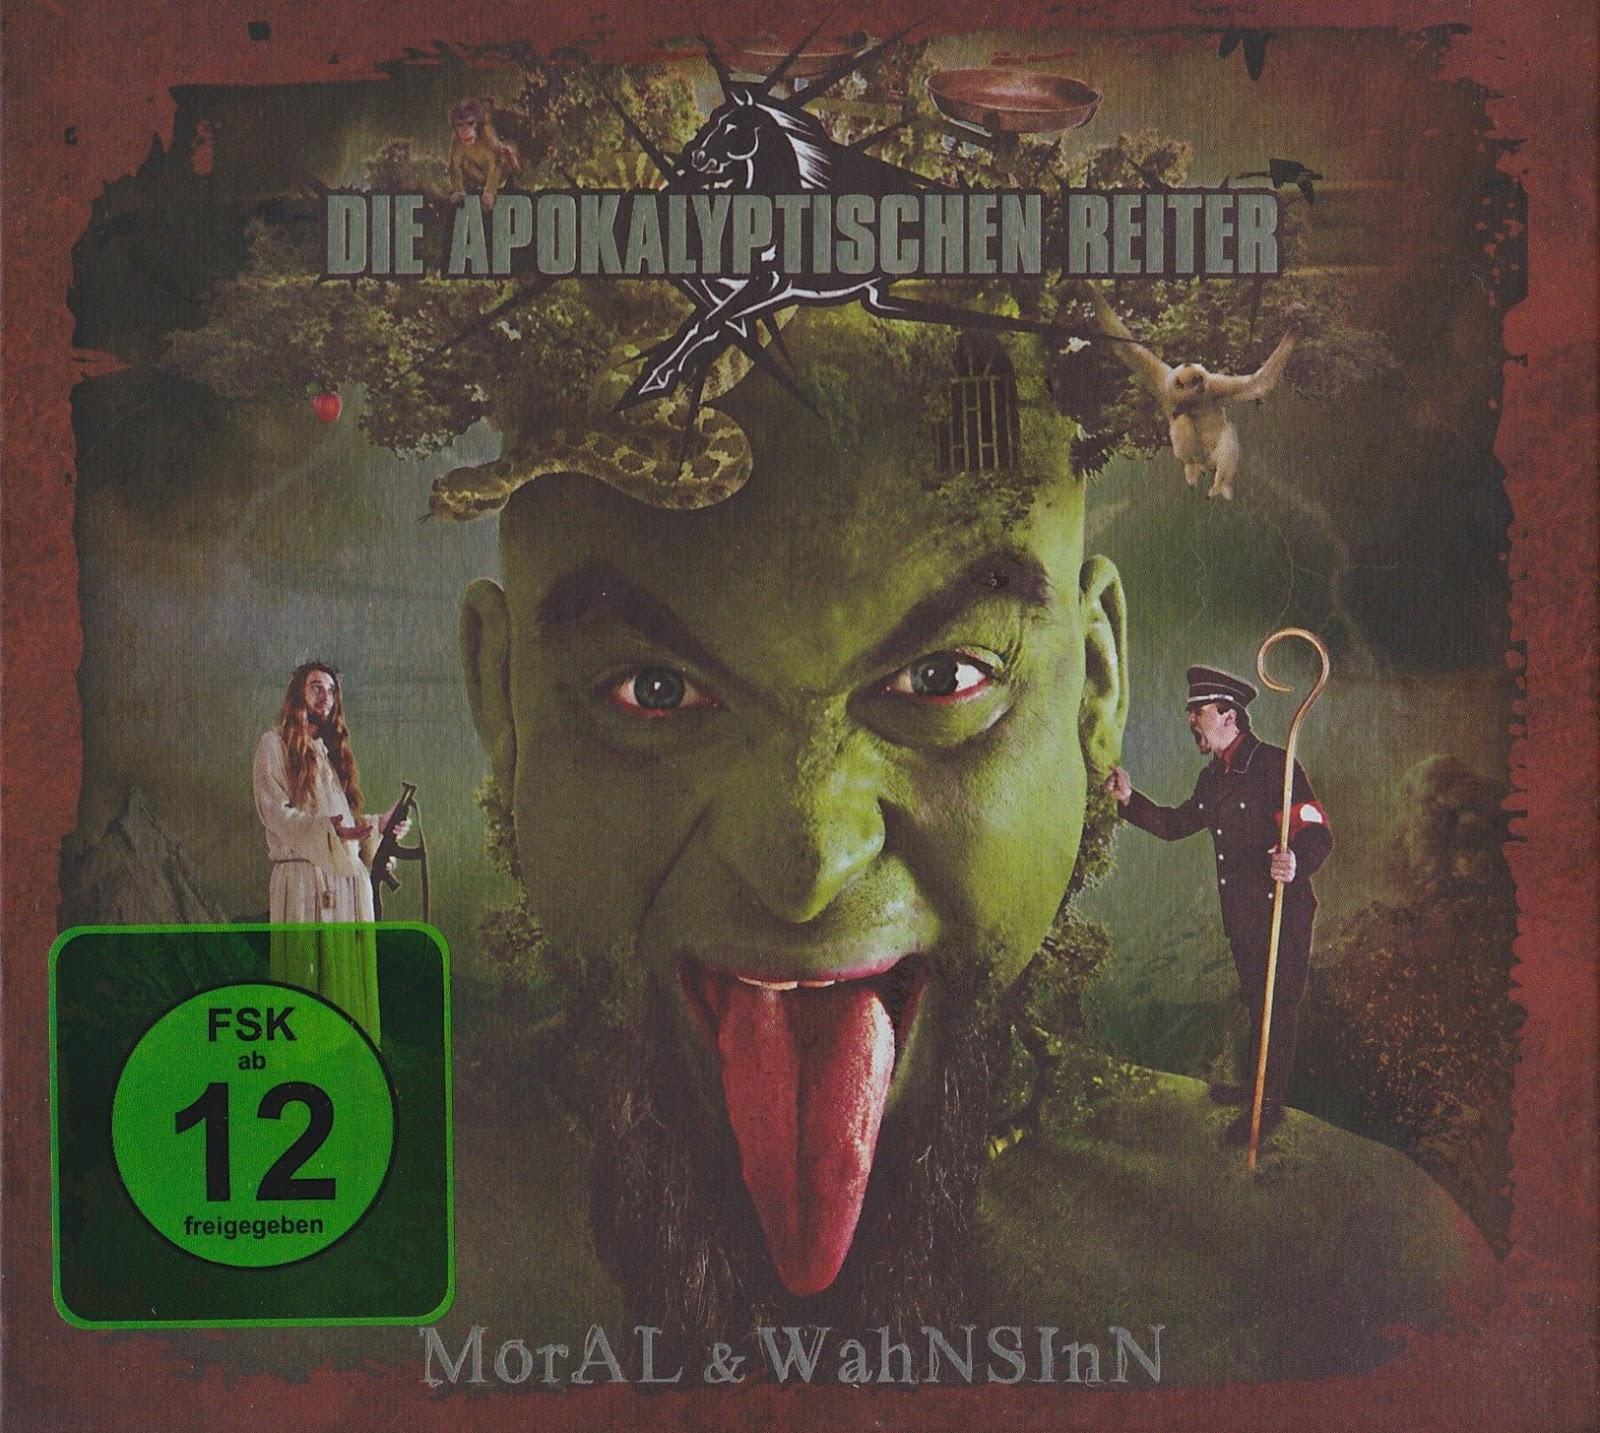 Die Apokalyptischen Reiter — Moral & Wahnsinn (2011)